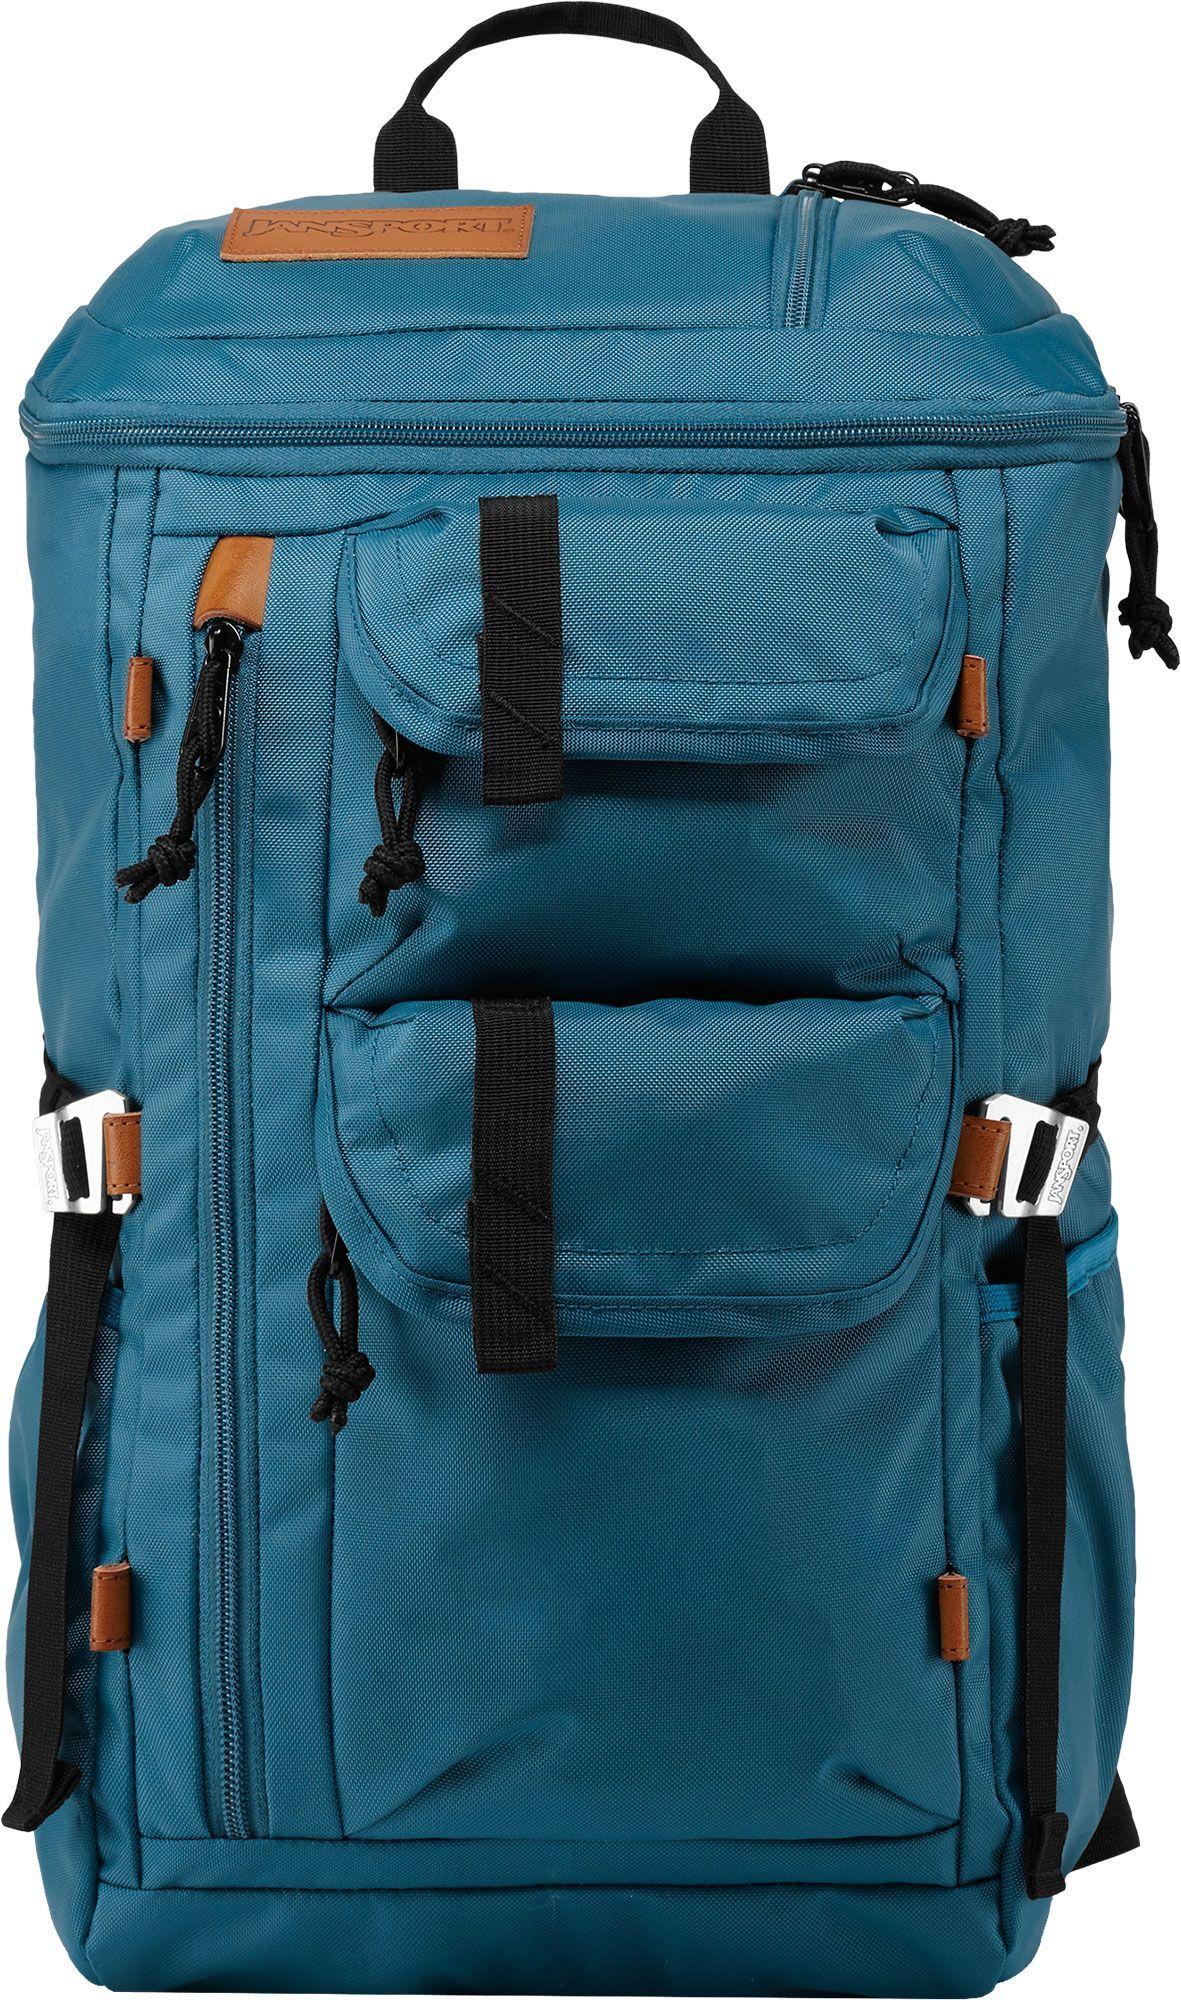 8f2f1d588 JanSport Everett Backpack Jansport, Laptop Sleeves, Shoulder Strap, Backpack,  Bag Pack,